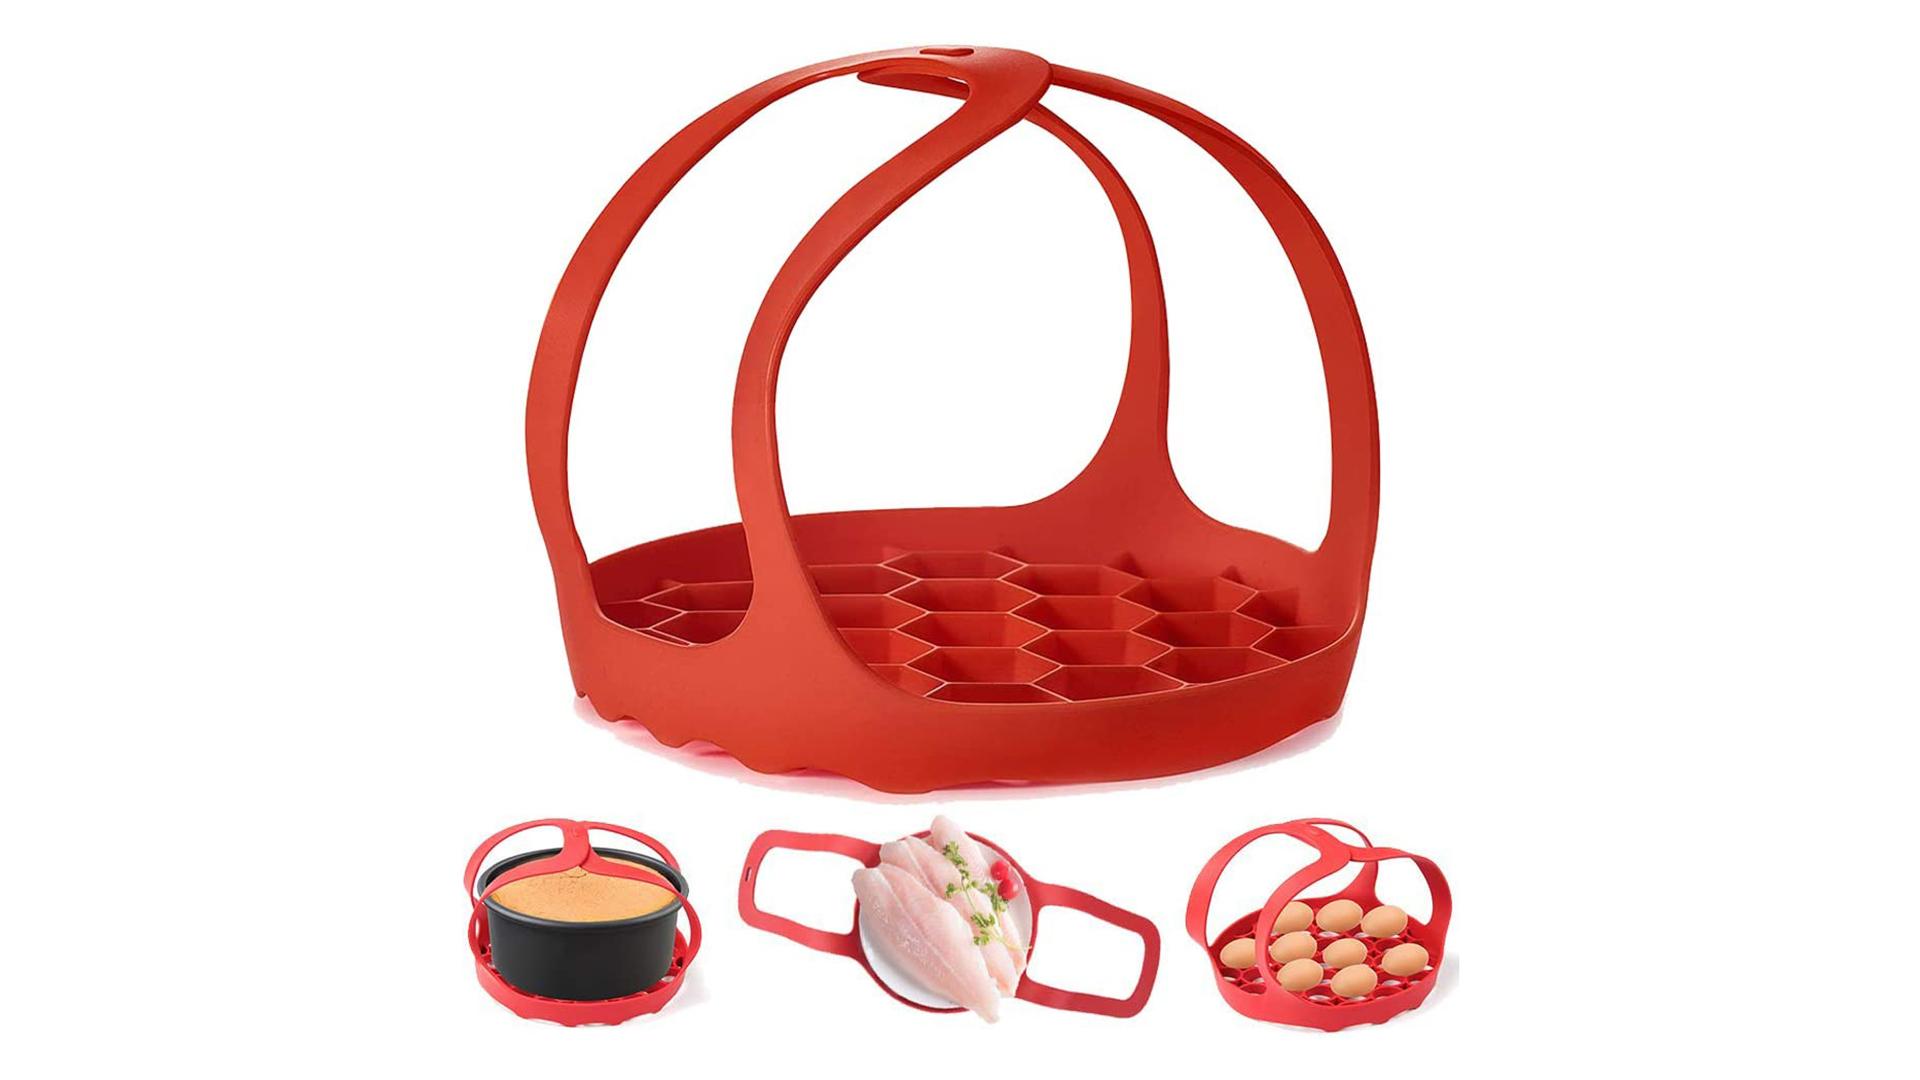 Trivret d'oeufs en silicone pour cuisson de cuisson cuisson de cuisson de cuisson de cuisson de cuisson, porte-oeufs et rack de torréfaction DH Silicone